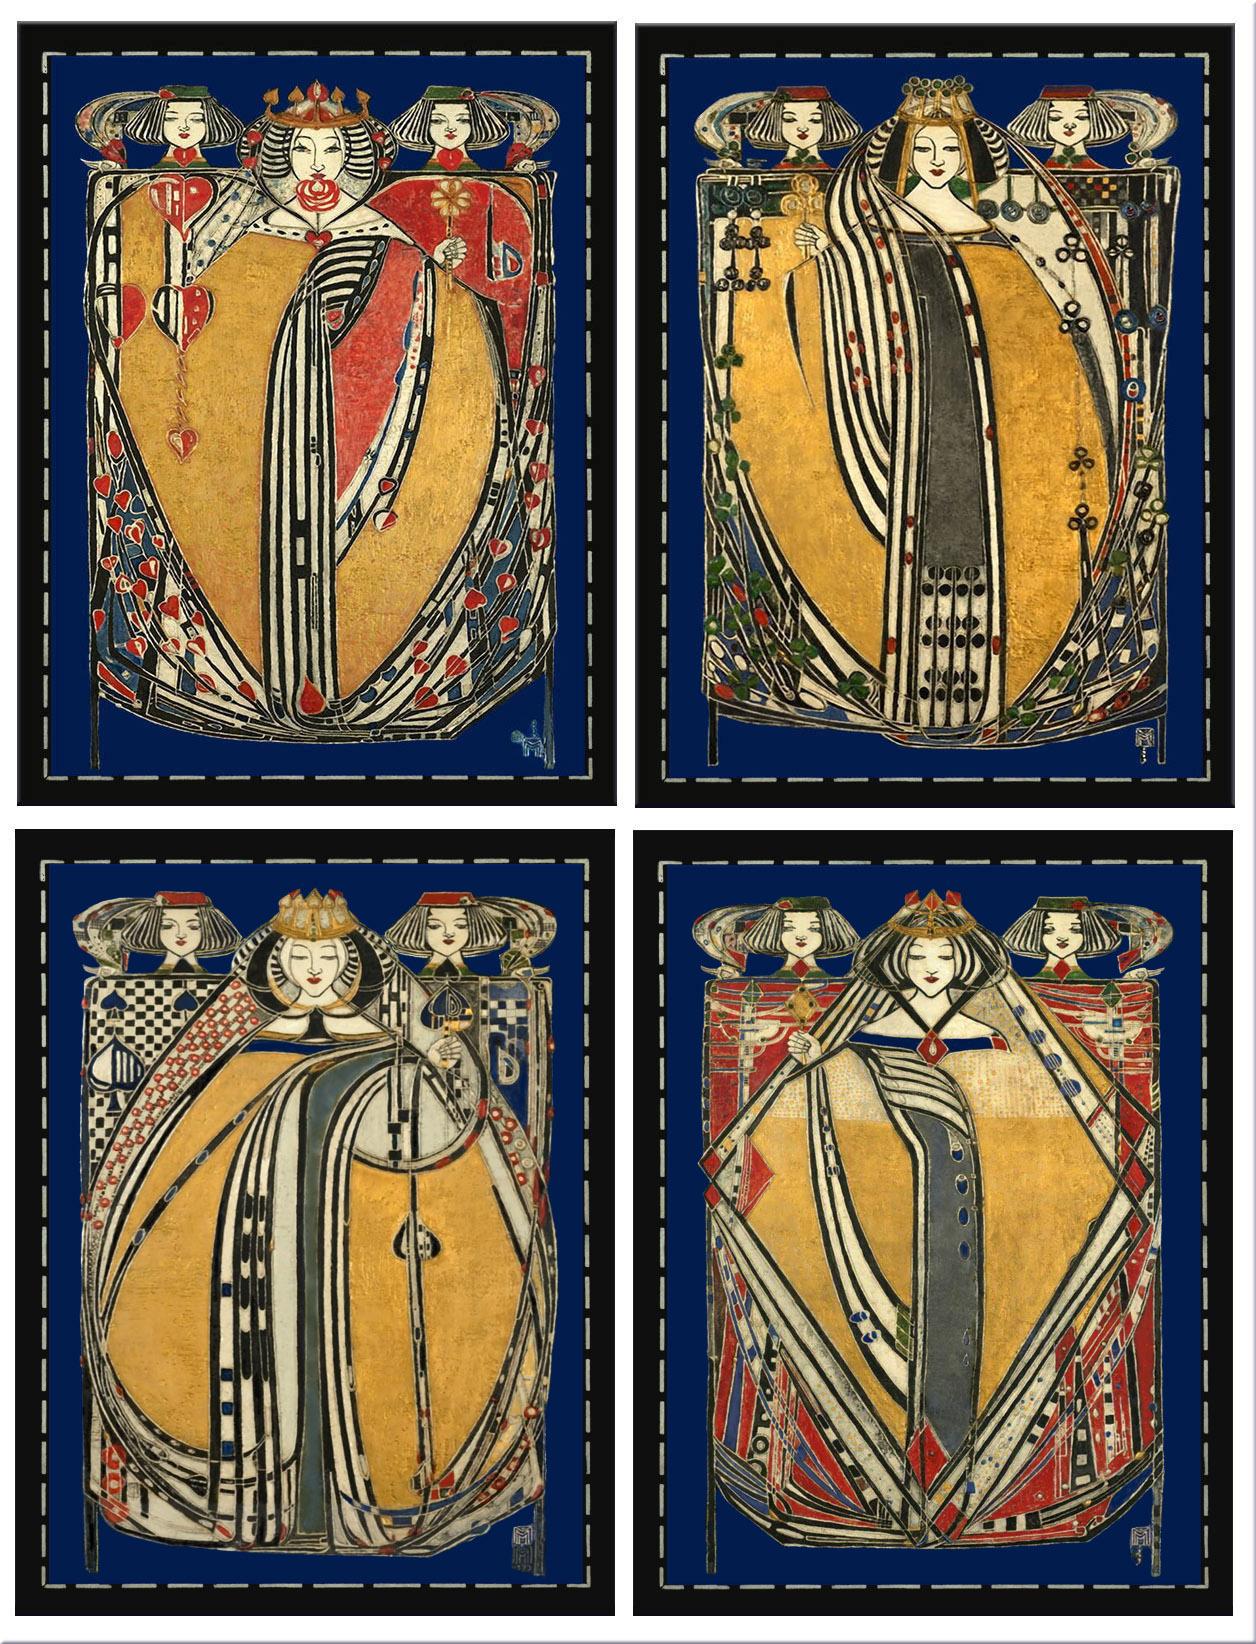 Margaret Macdonald Four Queens tiles, 1909